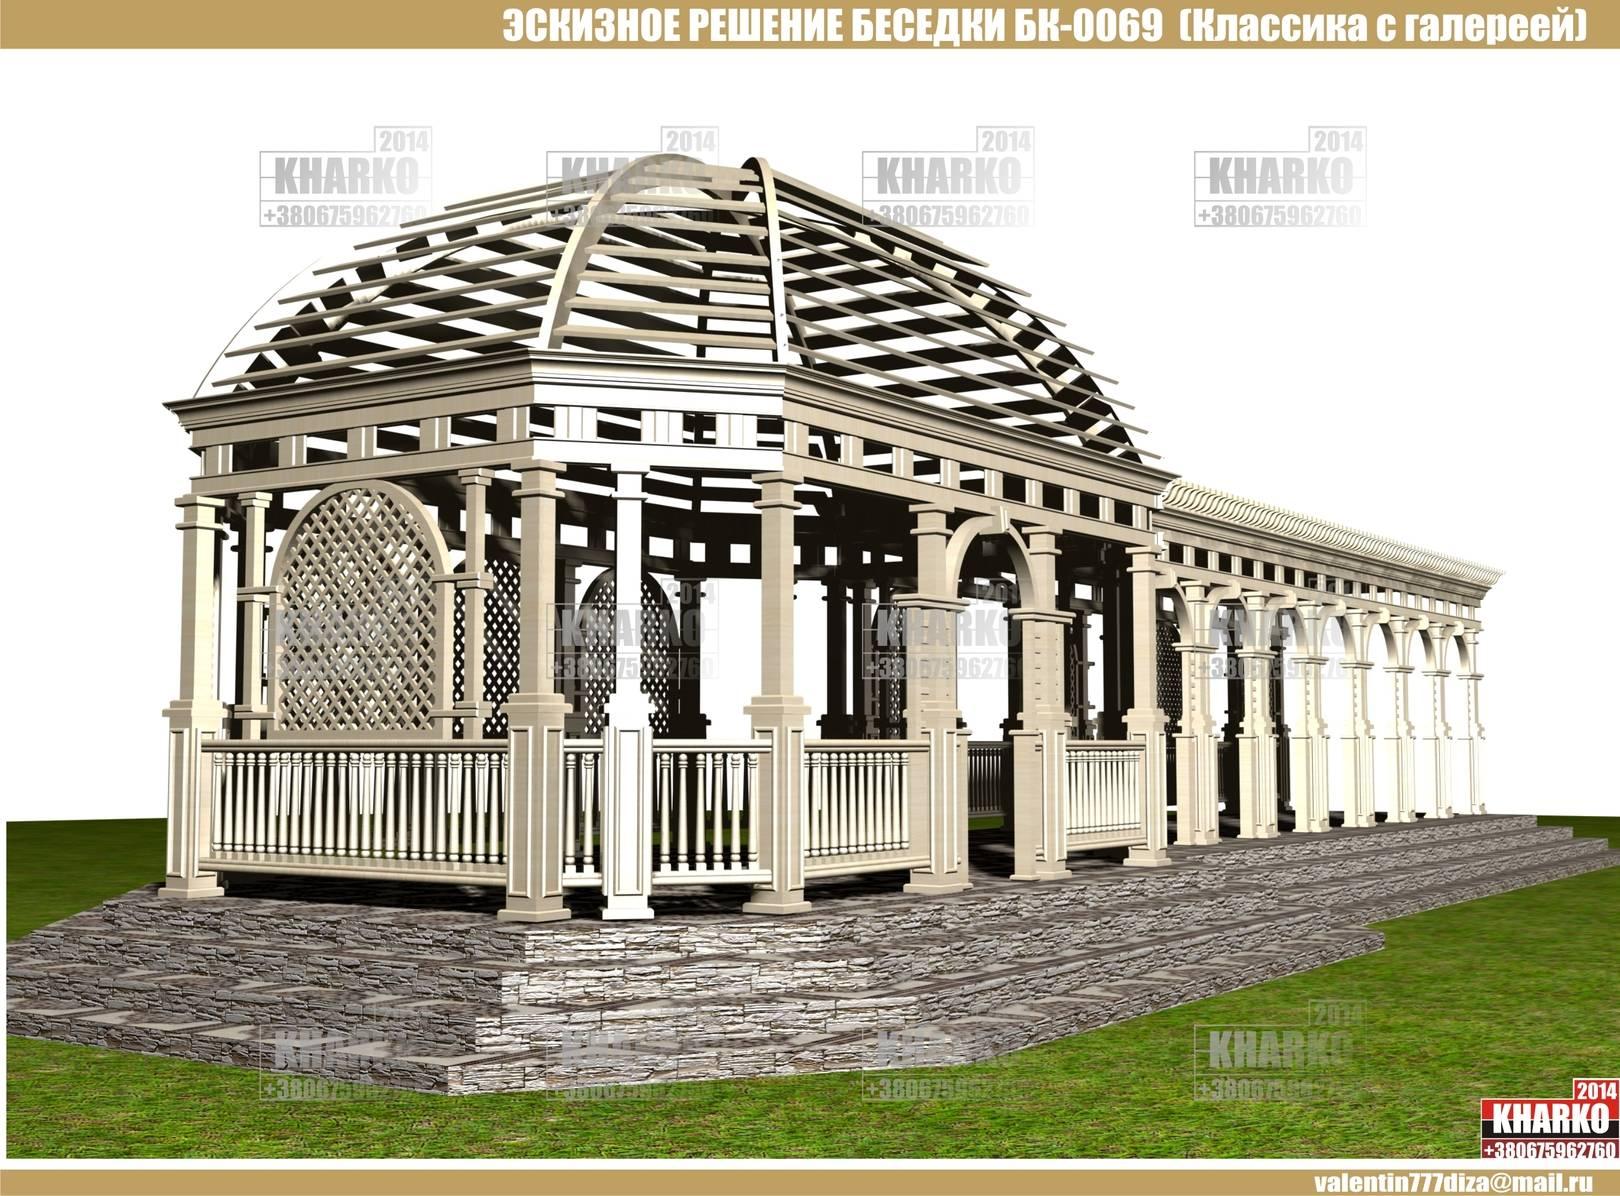 проект беседки БК-0069,  (Классический стиль с галереей),project pergola, gazebo, shed  общая площадь беседки- 29,4 м. кв. эксплуатируемая площадь беседки-24,5 м.кв. габаритные размеры беседки- 4,3 м. на 6,8 м. размер галереи-10,2 х 3,5 -35,7 м.кв. тип фундамента-монолитный ж/б материал наружной стены и опор-дерево тип кровли- дерево Наружная отделка цоколя -декоративный камень Стоимость проекта- 3500 грн.